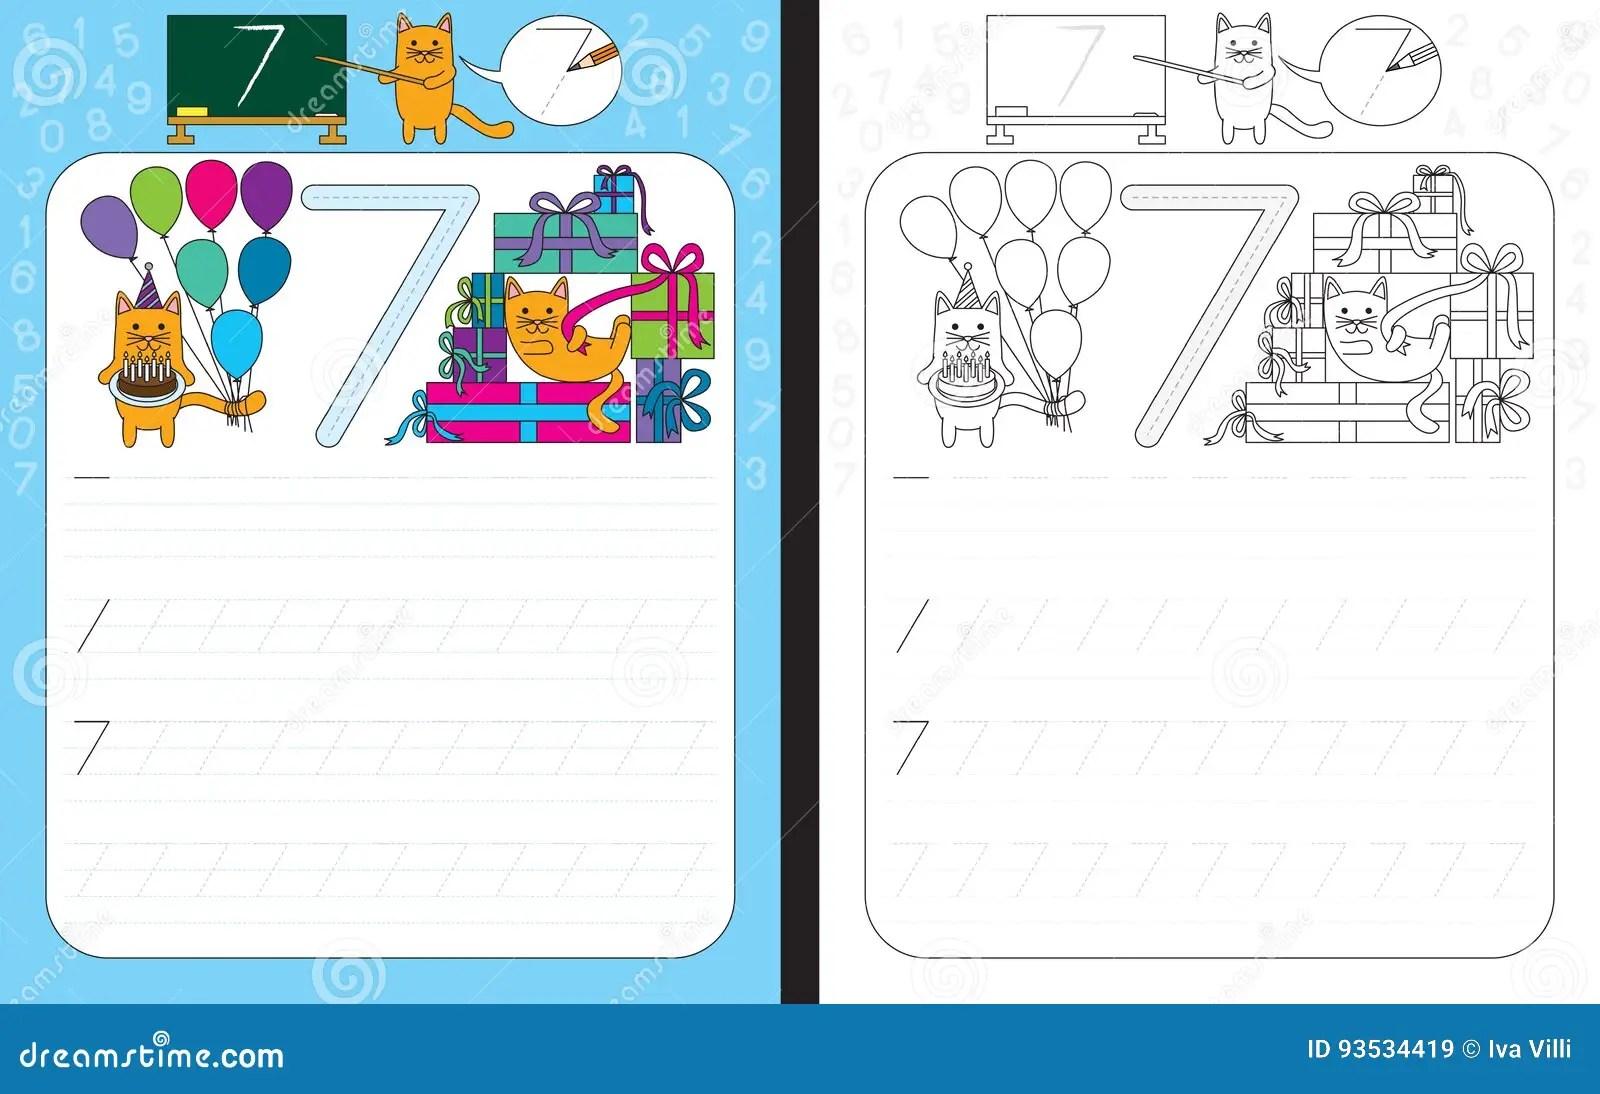 Handwriting Worksheet Tracing Numbers 1 30